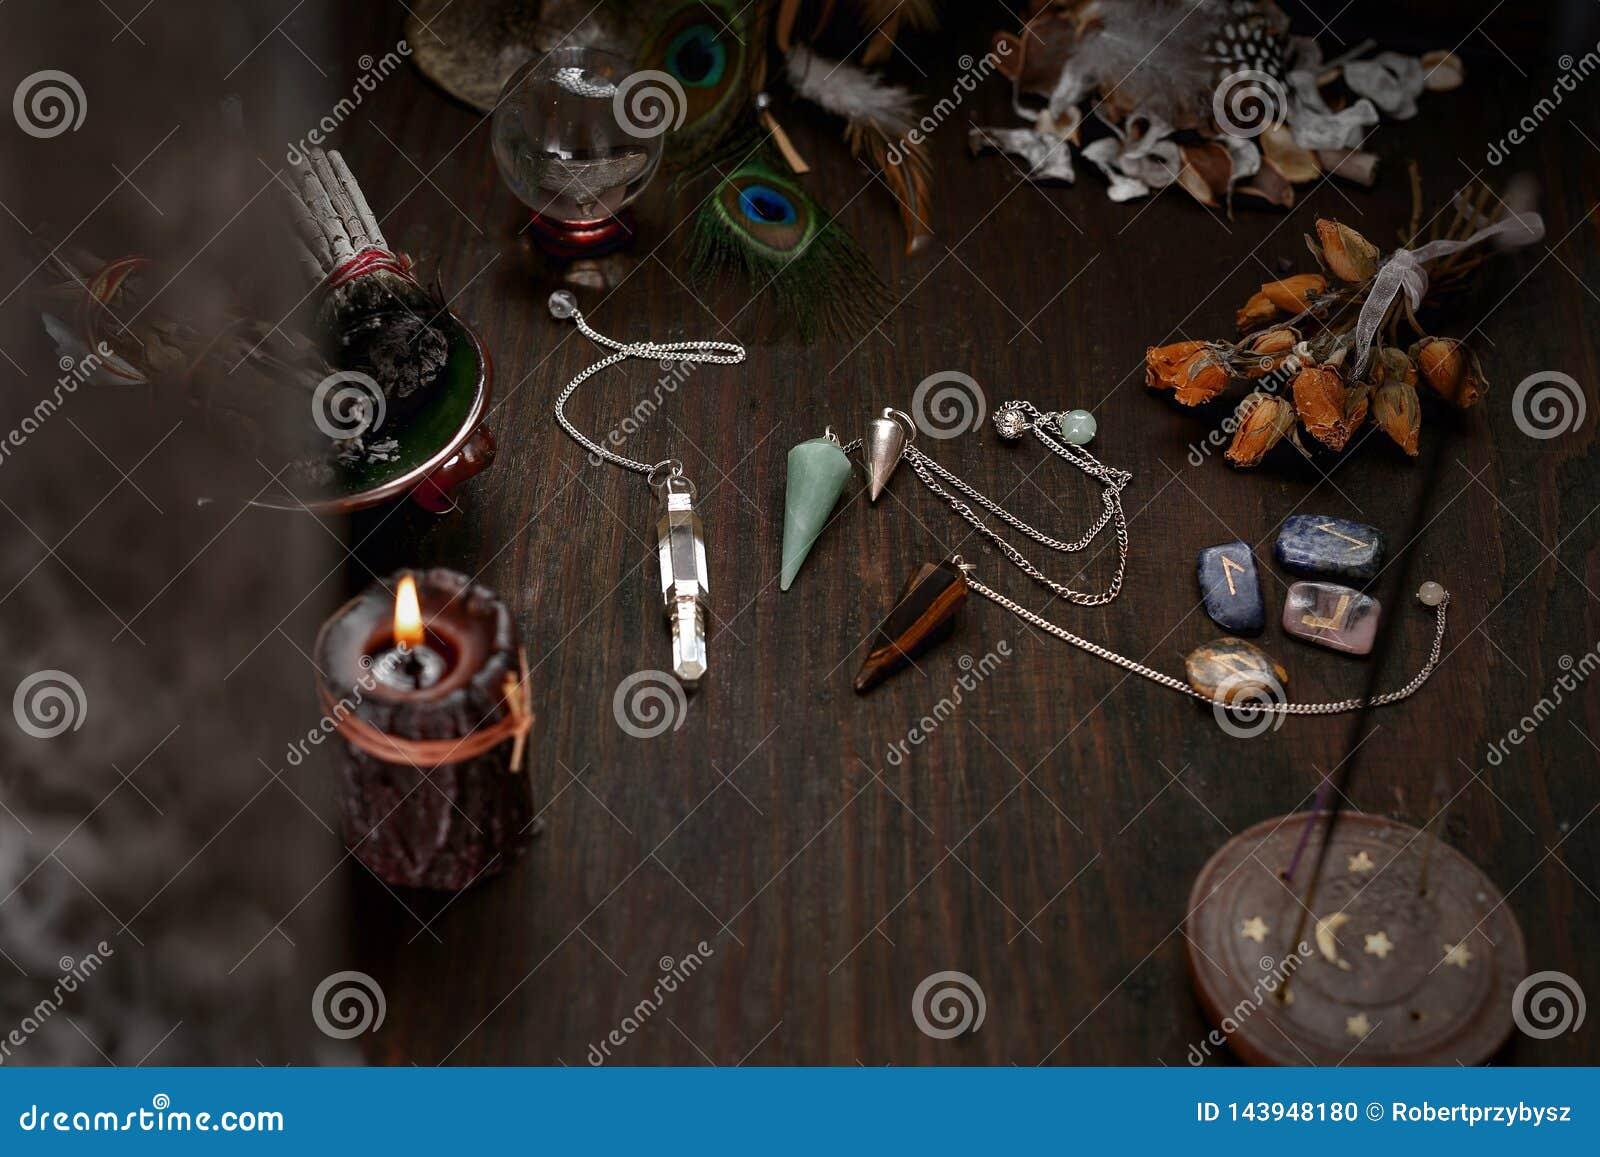 仙境辅助部件 老占卜卡片和一把石摆锤甲板